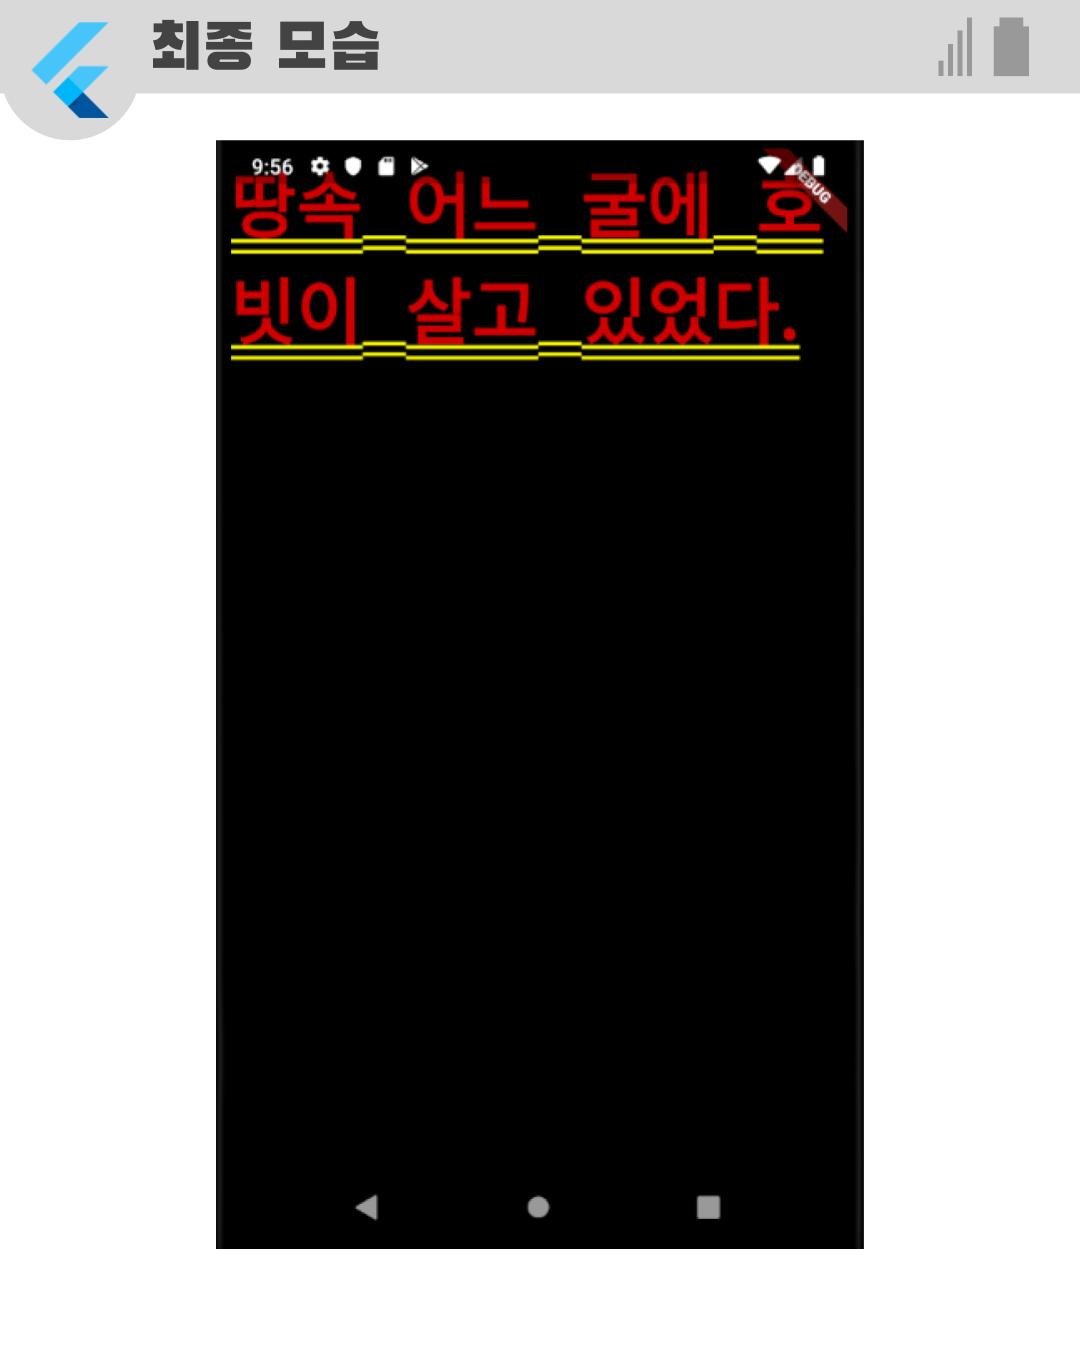 2.첫번째앱(22).png